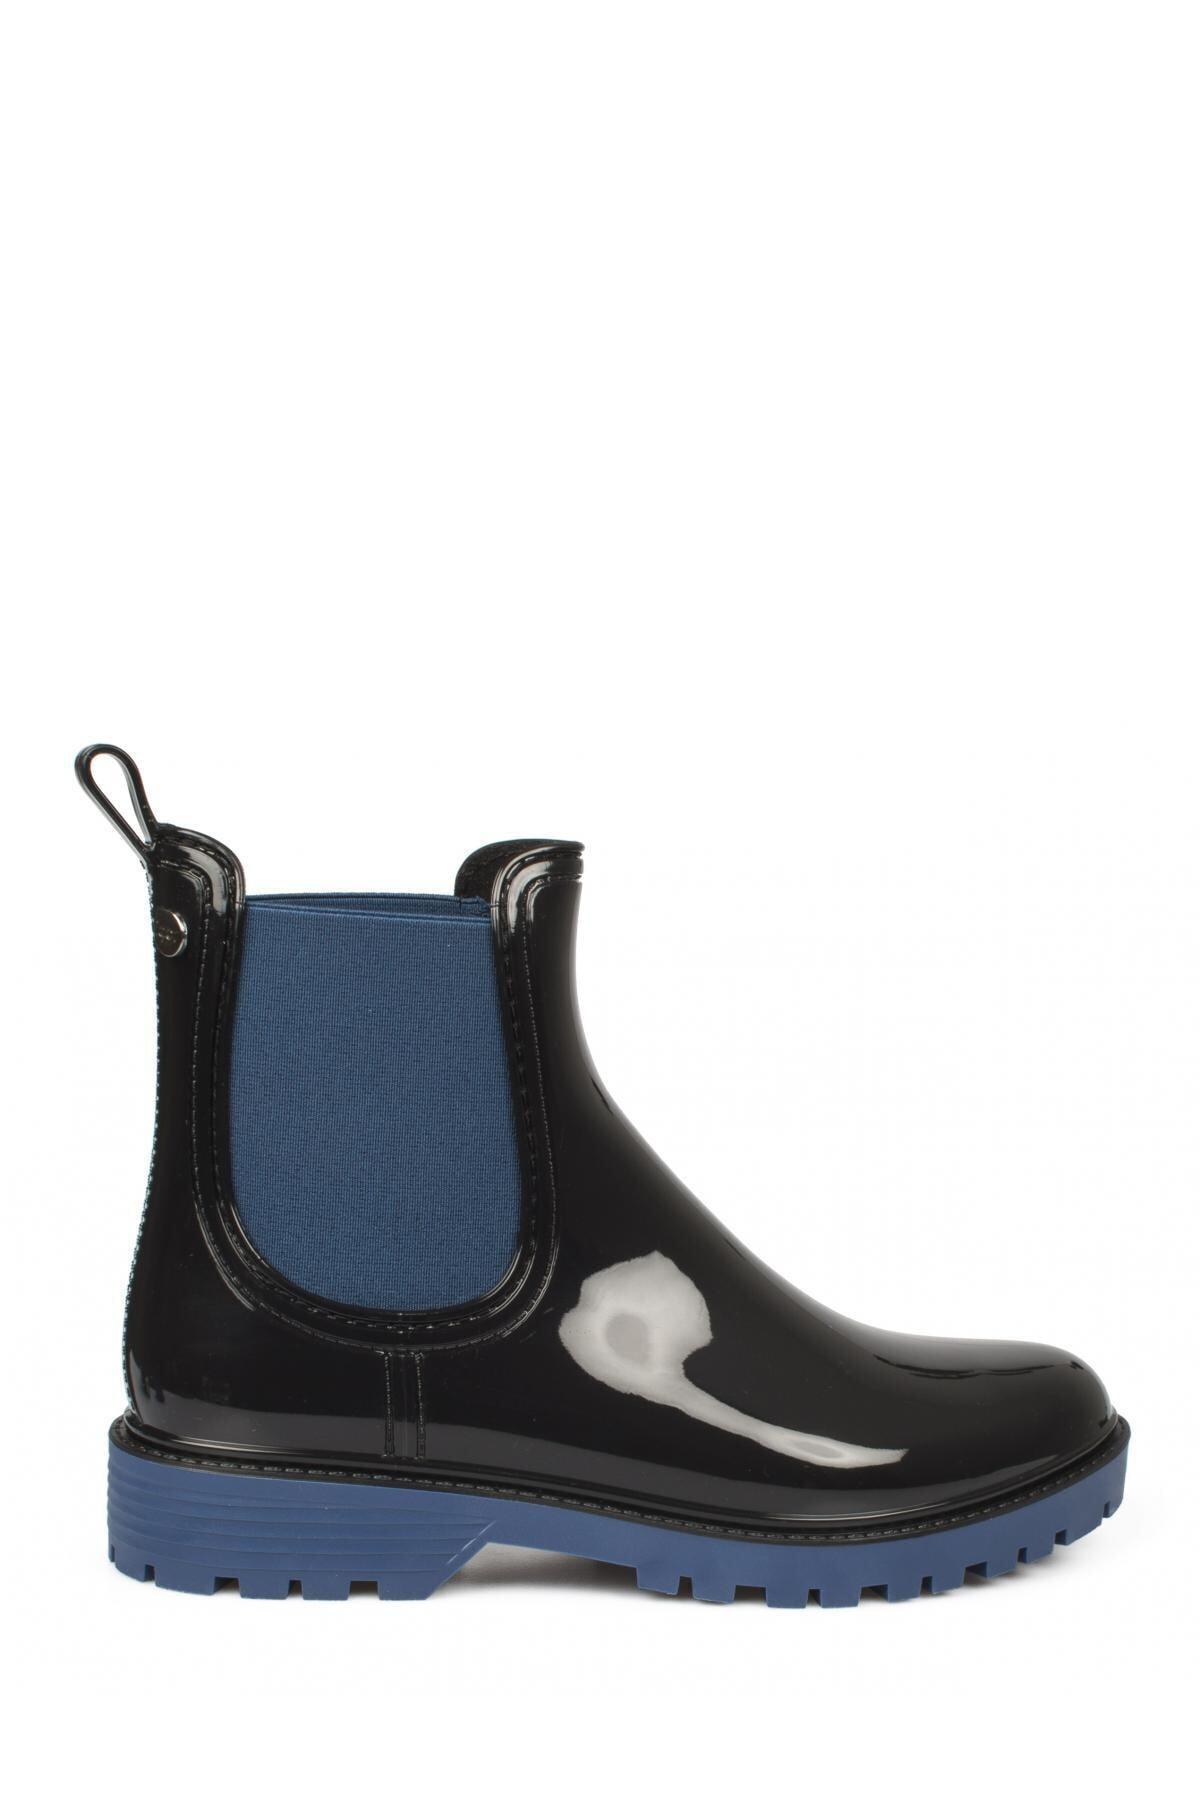 IGOR Kadın Siyah Mavi Ayakkabı W10226-050 2